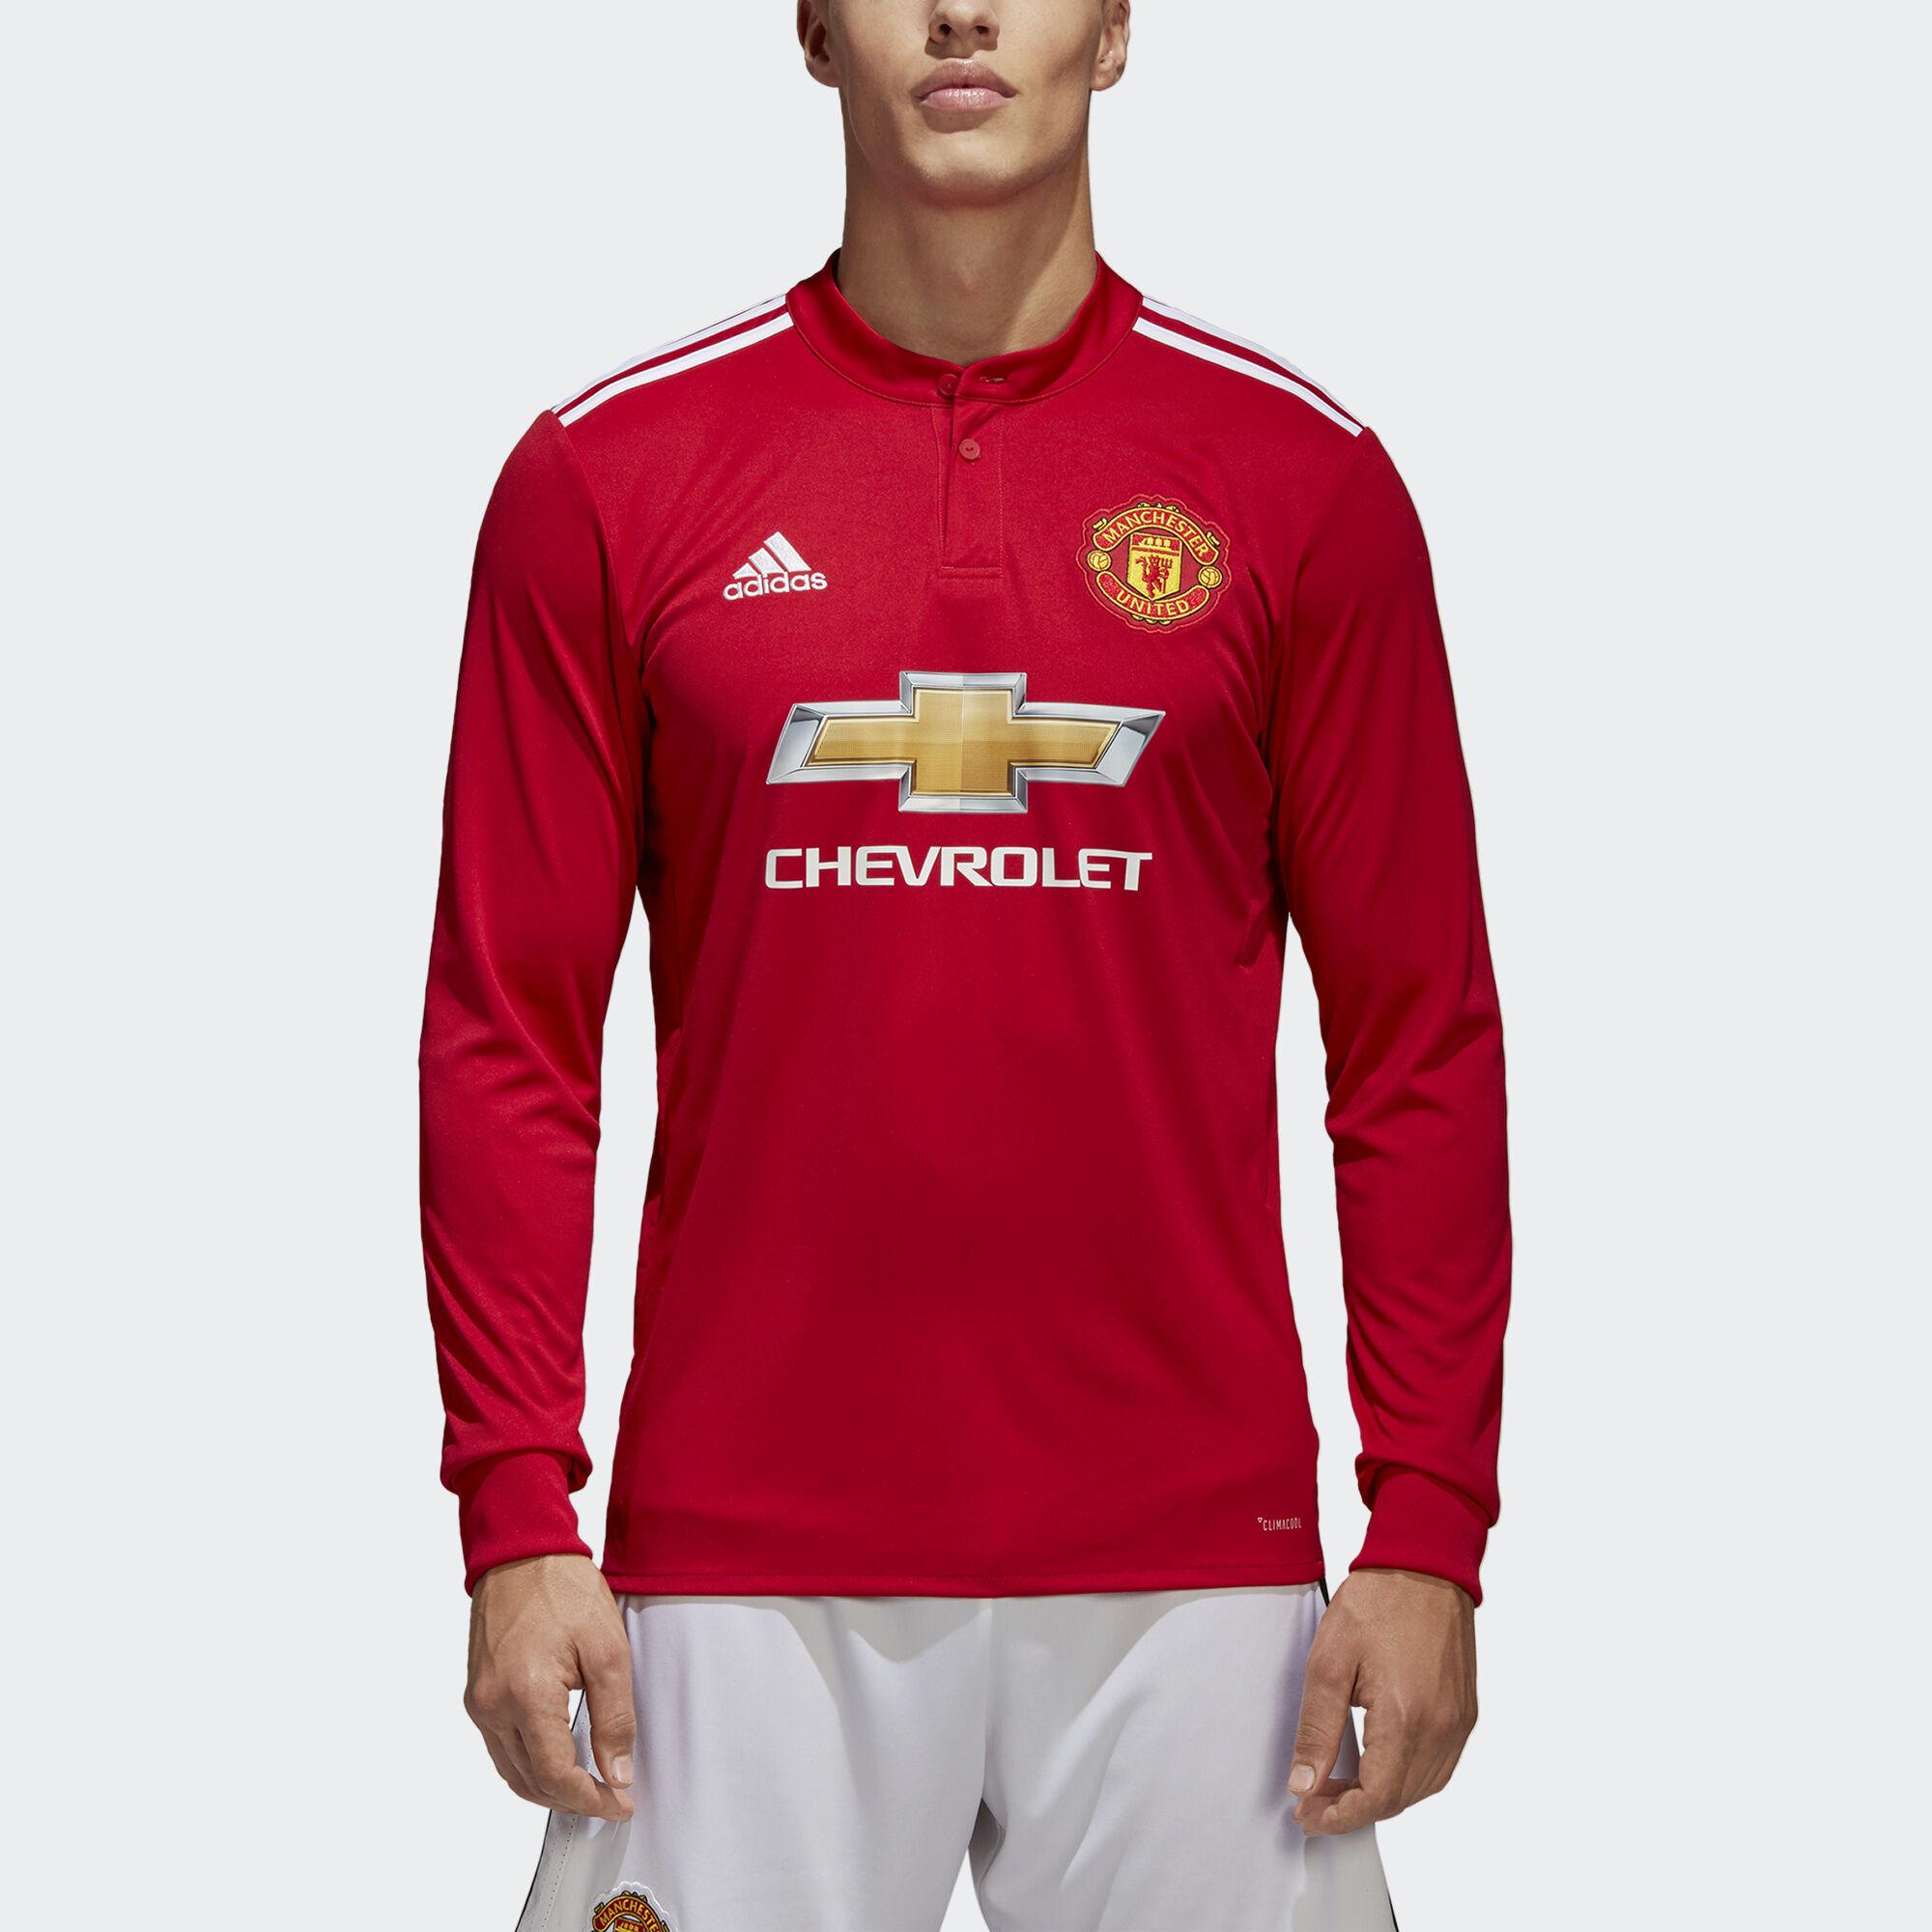 Manchester United Jersey - Manchester united jersey dubai quarter